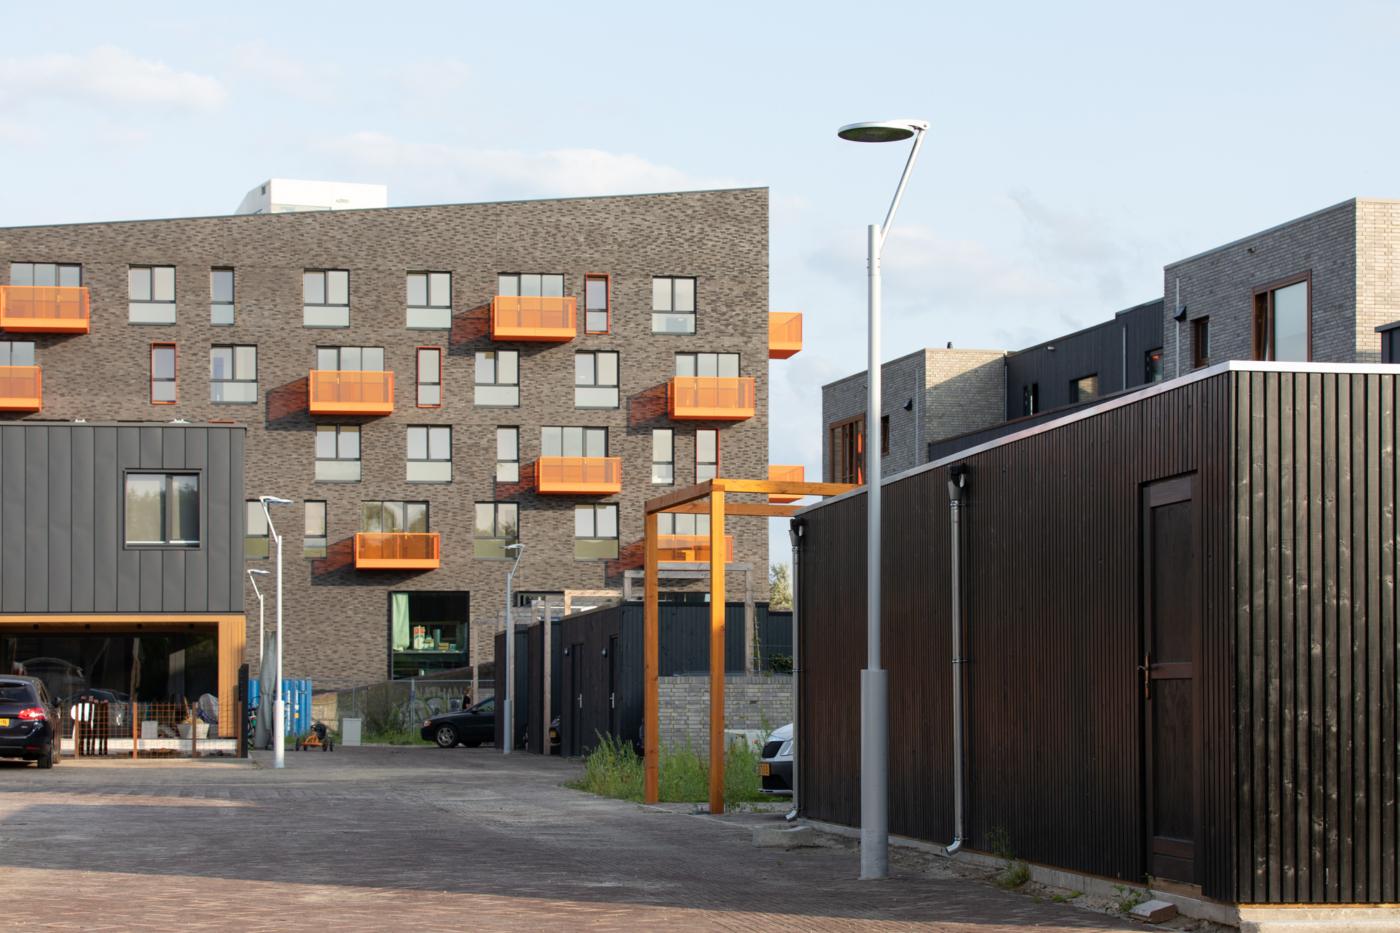 Round Europapark Groningen